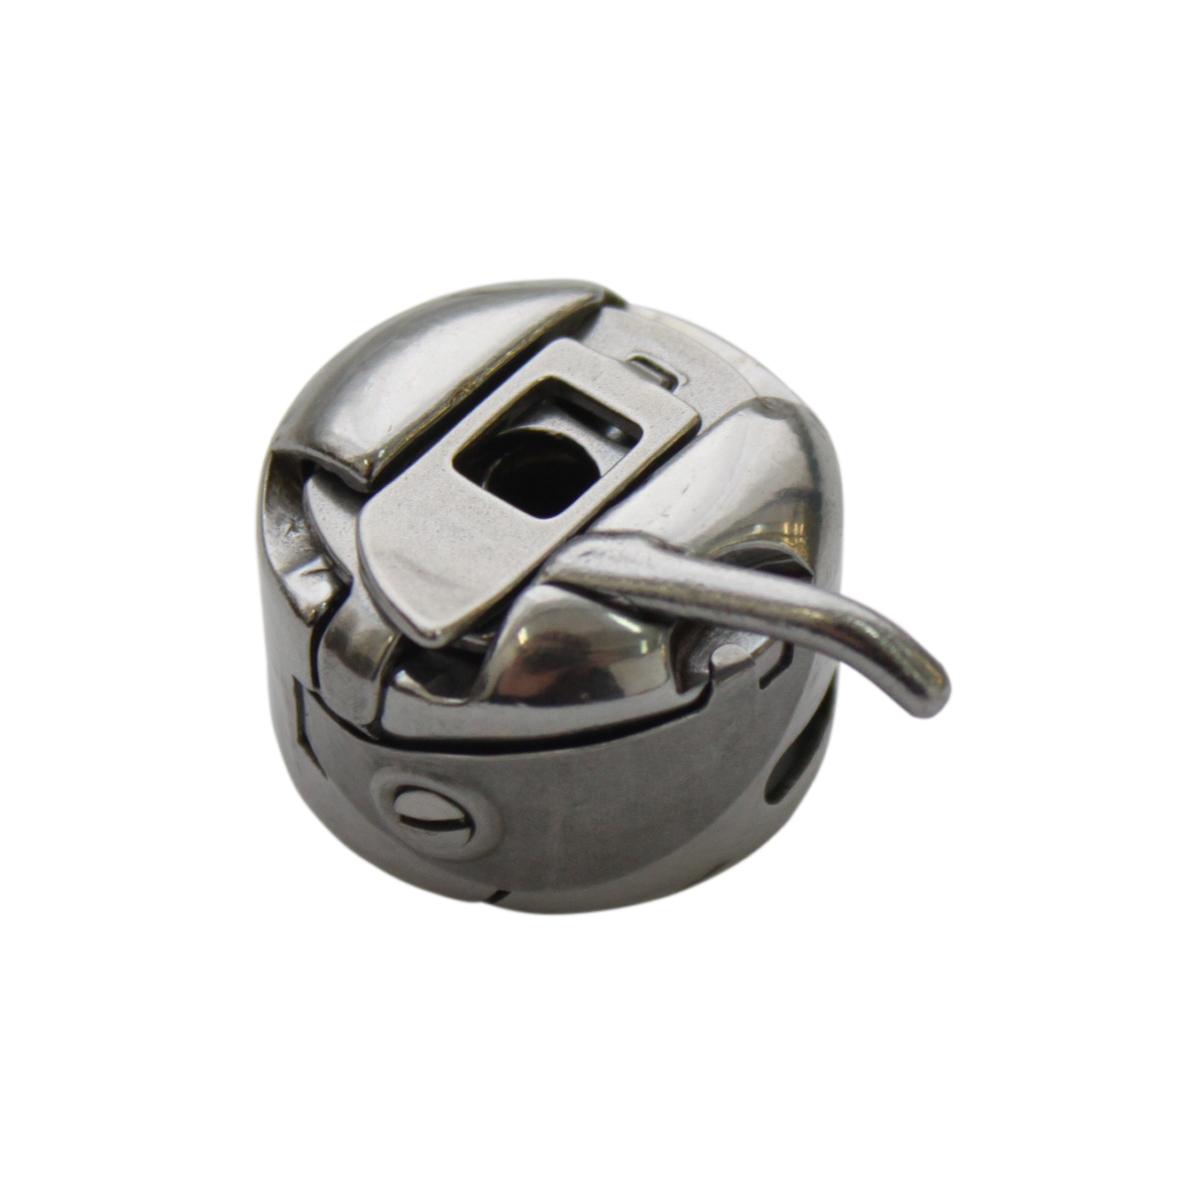 Шпульный колпачок Bestex SINGER ВС-15, левоходный к БШМ163741Шпульный колпачок Bestex SINGER ВС-15 изготовлен для классического челнока, левоходный. Шпульный колпачок для бытовых швейных машин, для вертикального челночного устройства.